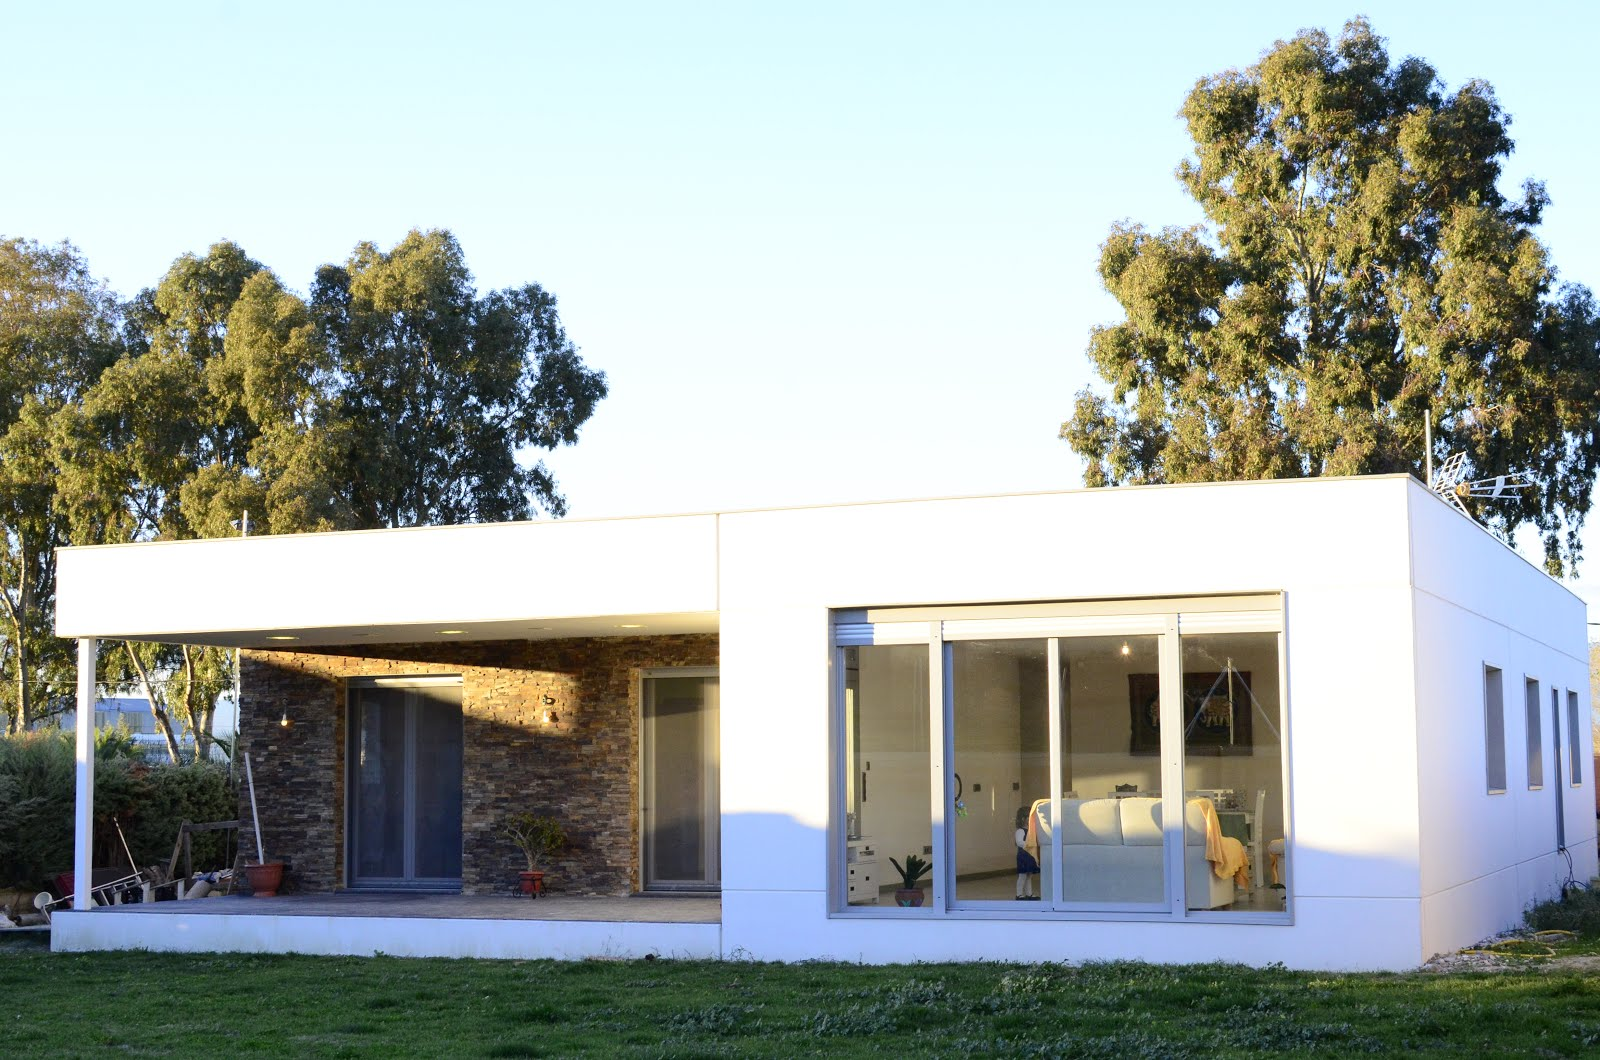 Casas de dise o prefabricadas en hormig n placa alveolar c ceres prefabricados hormig n - Casas modulares modernas precios ...